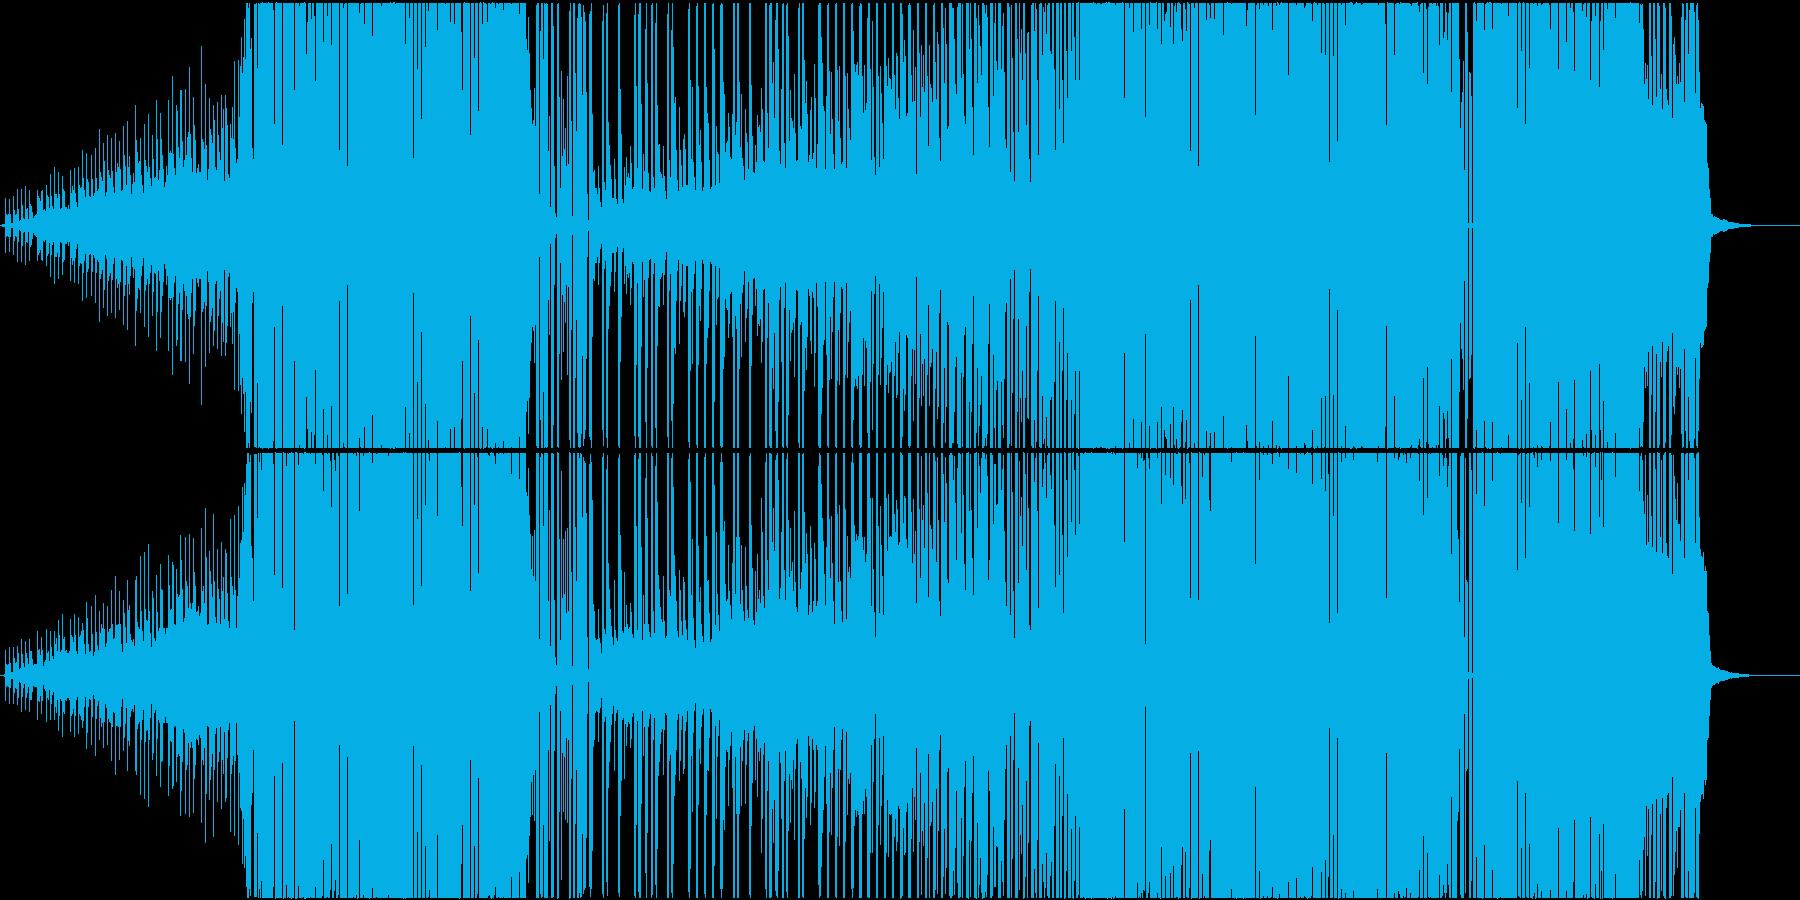 ノリノリボーカルチョップ入dubstepの再生済みの波形